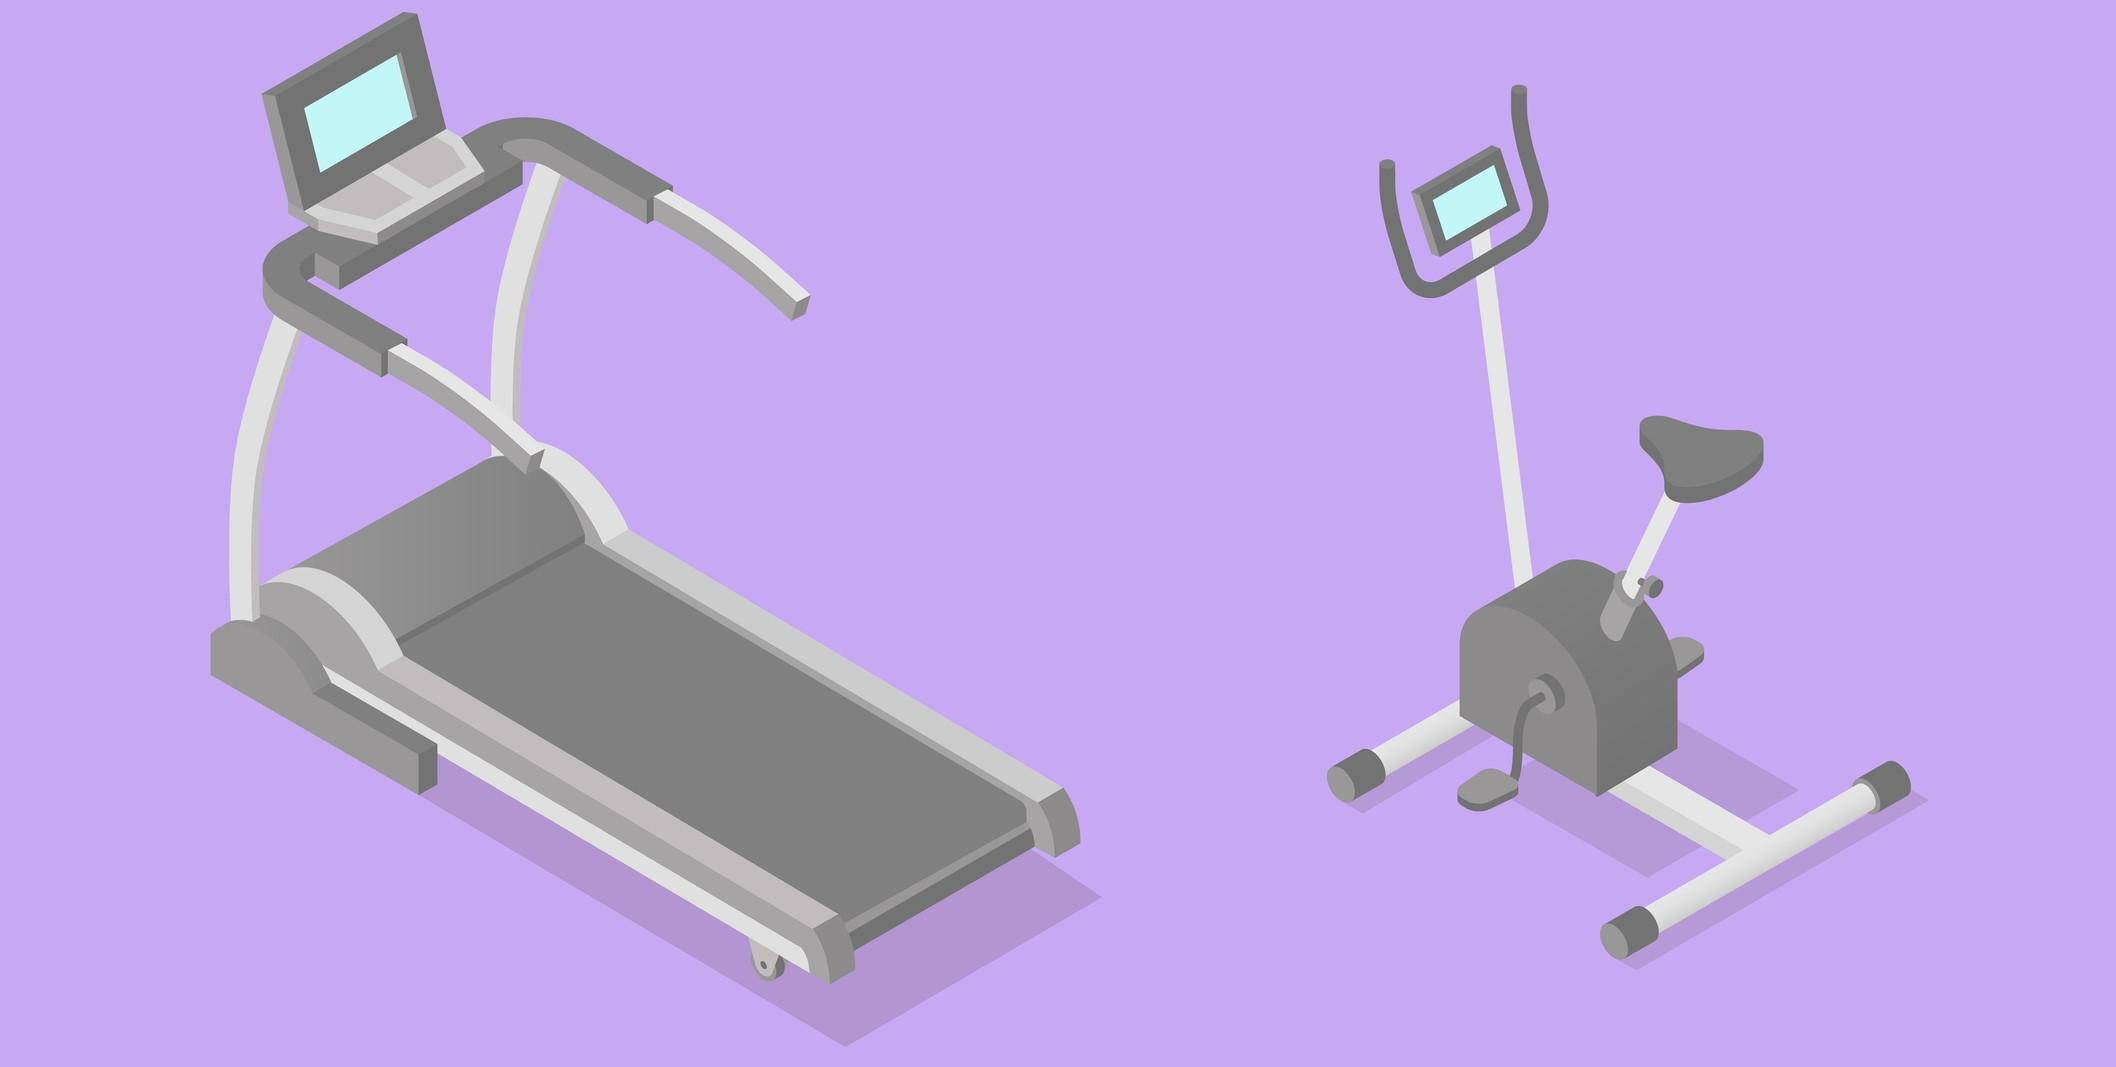 トレッドミルとエアロバイク、どっちが脂肪燃焼できる?メガロストレーナーが解答